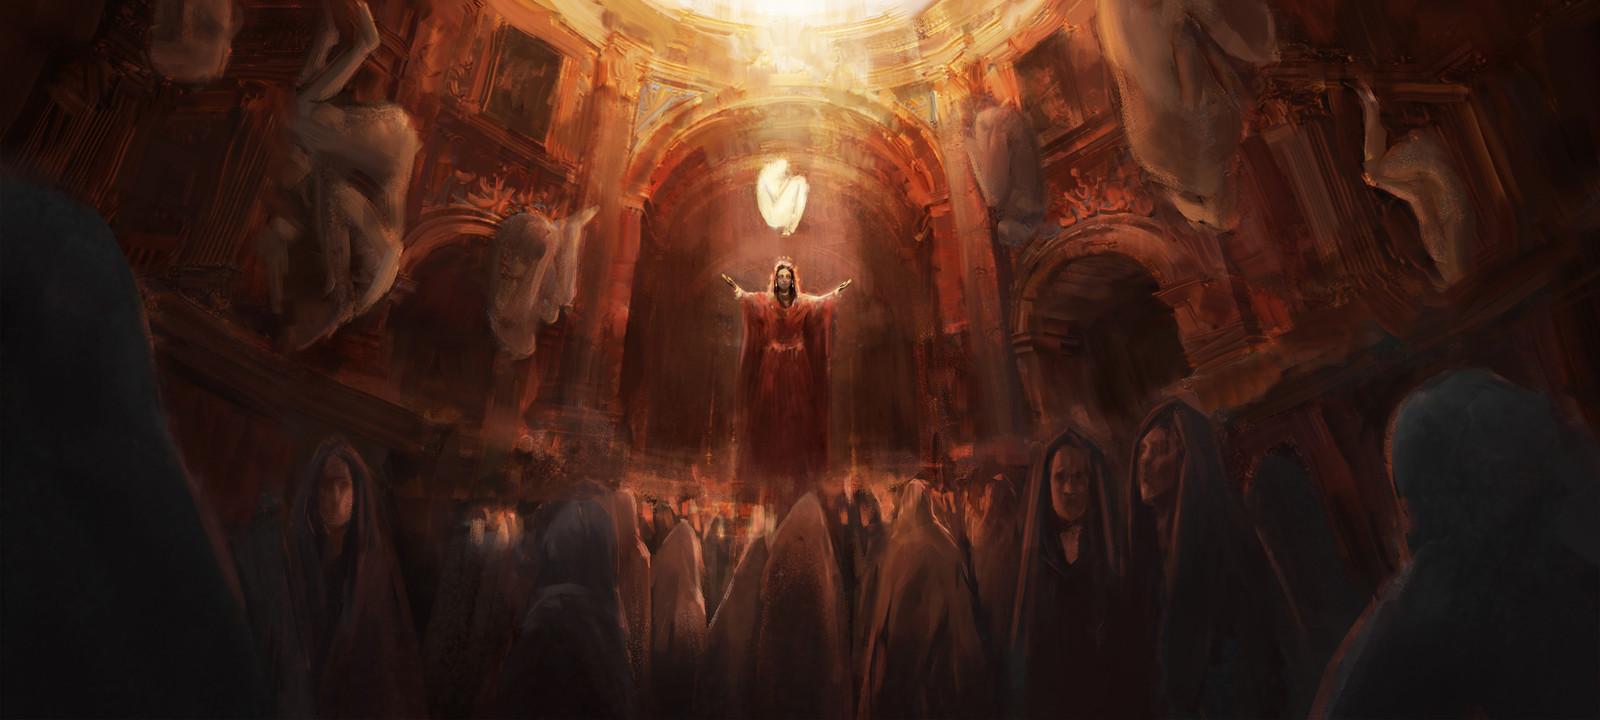 Rebirth ritual